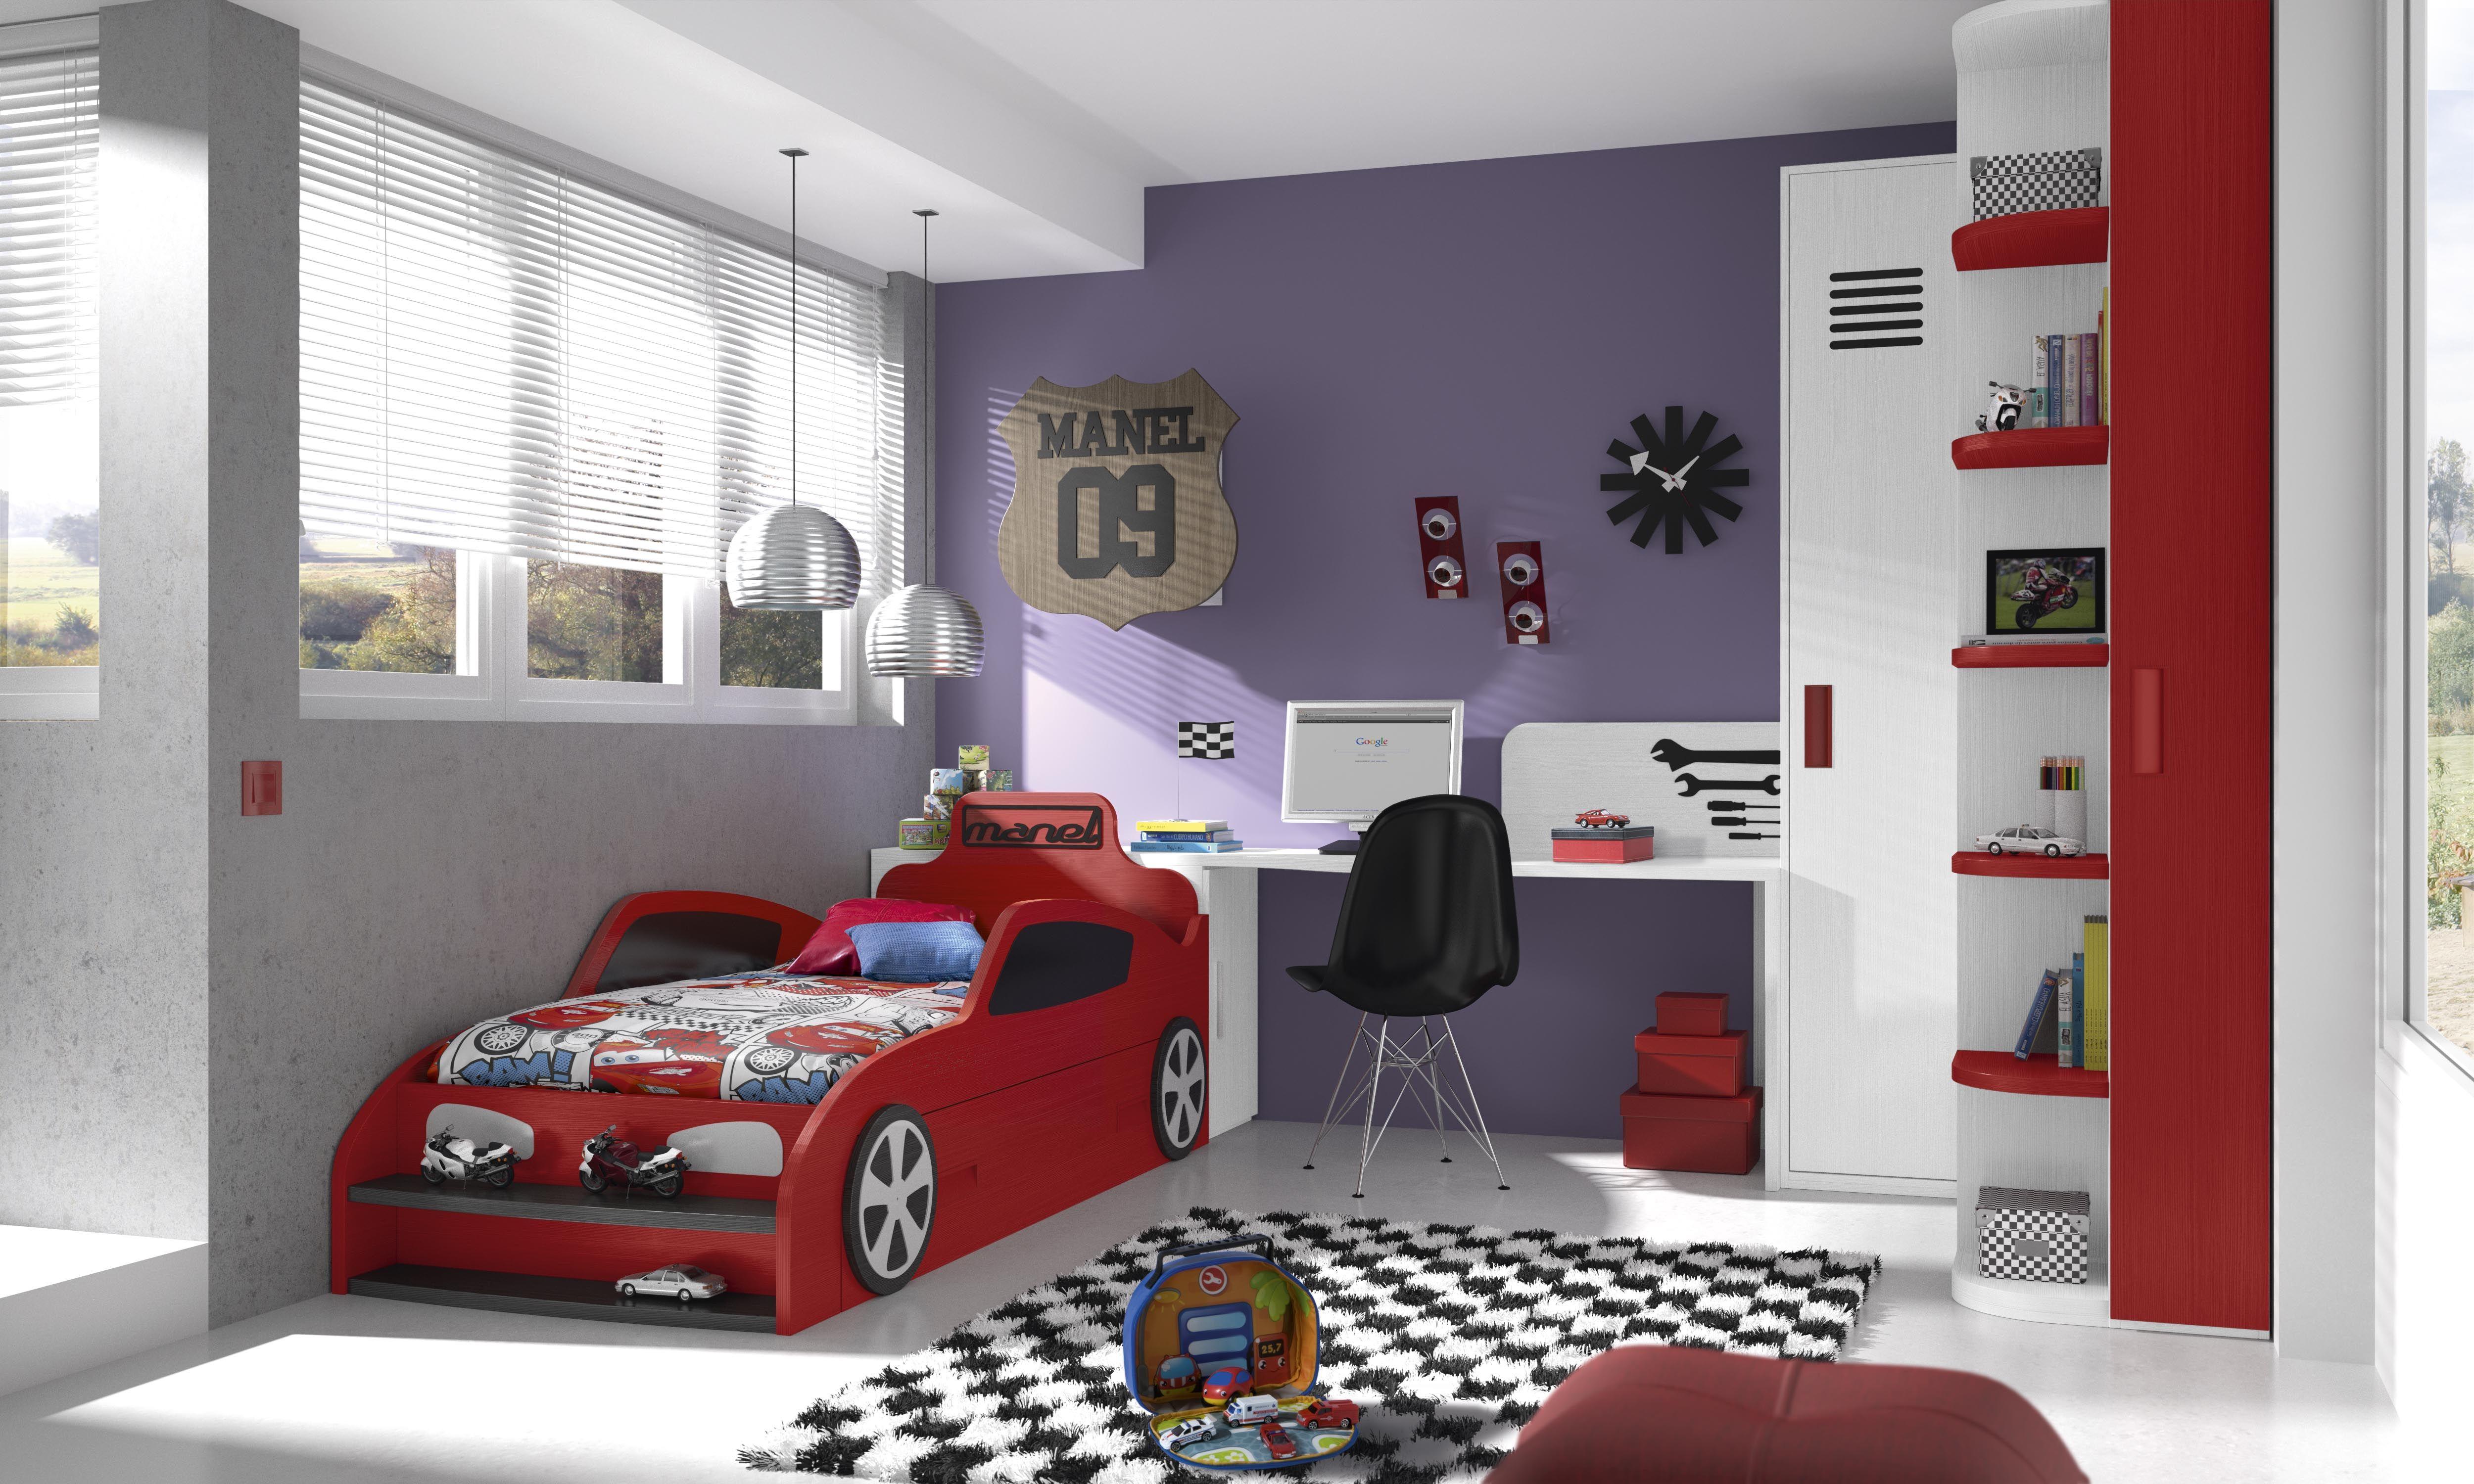 Habitaciones infantiles tem ticas dibujos animados coches2